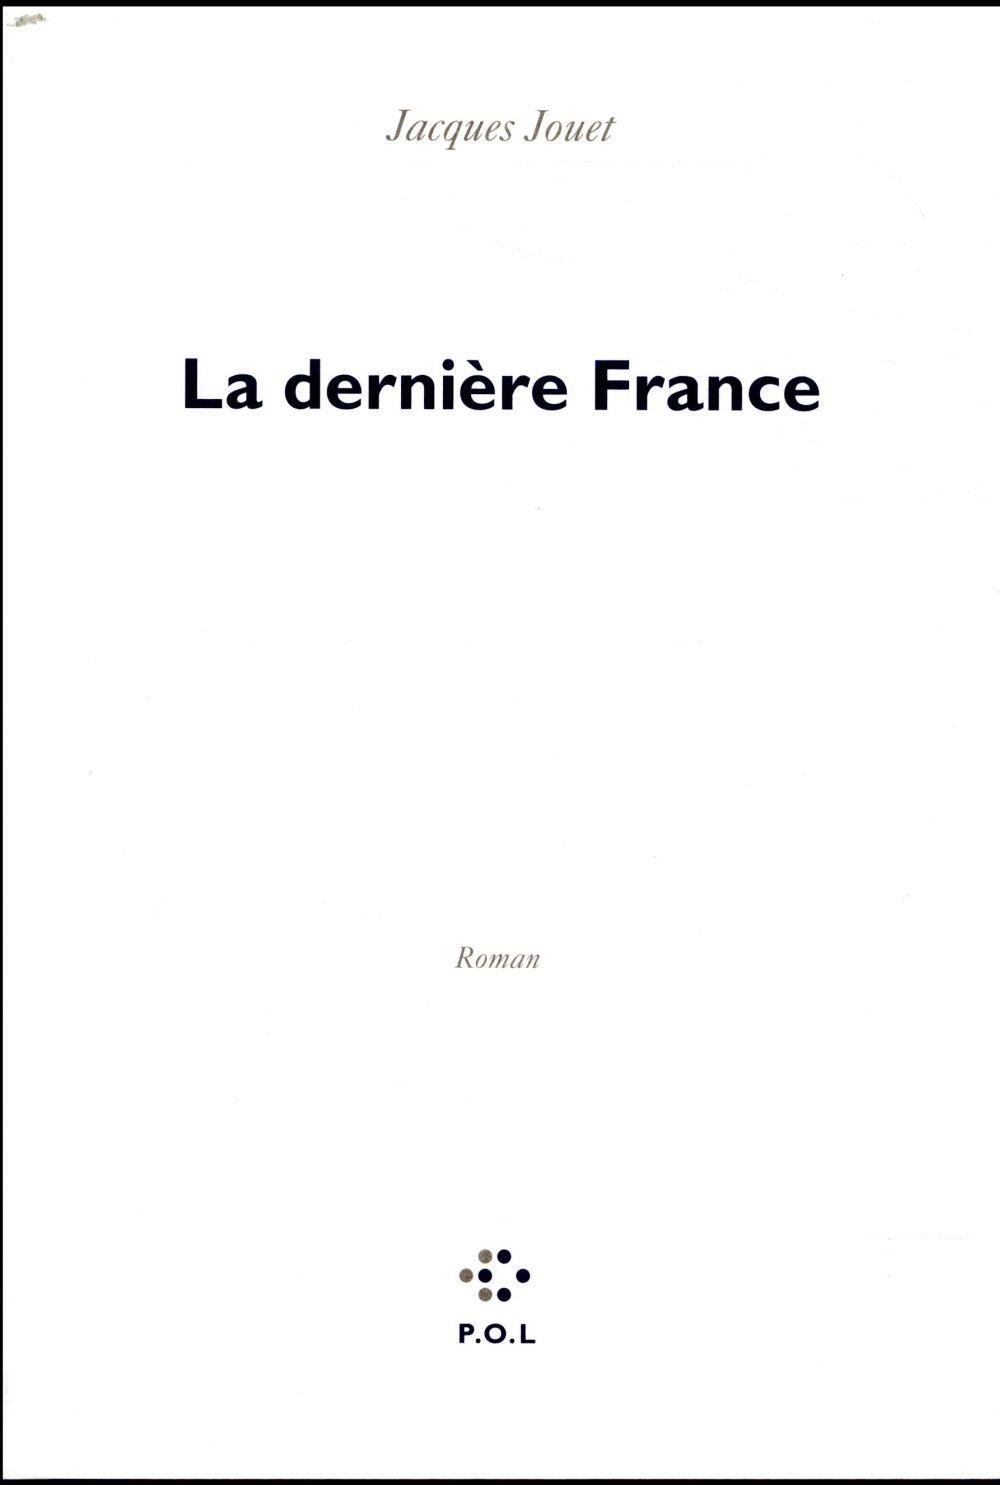 Couverture du livre La dernière France de Jacques Jouet